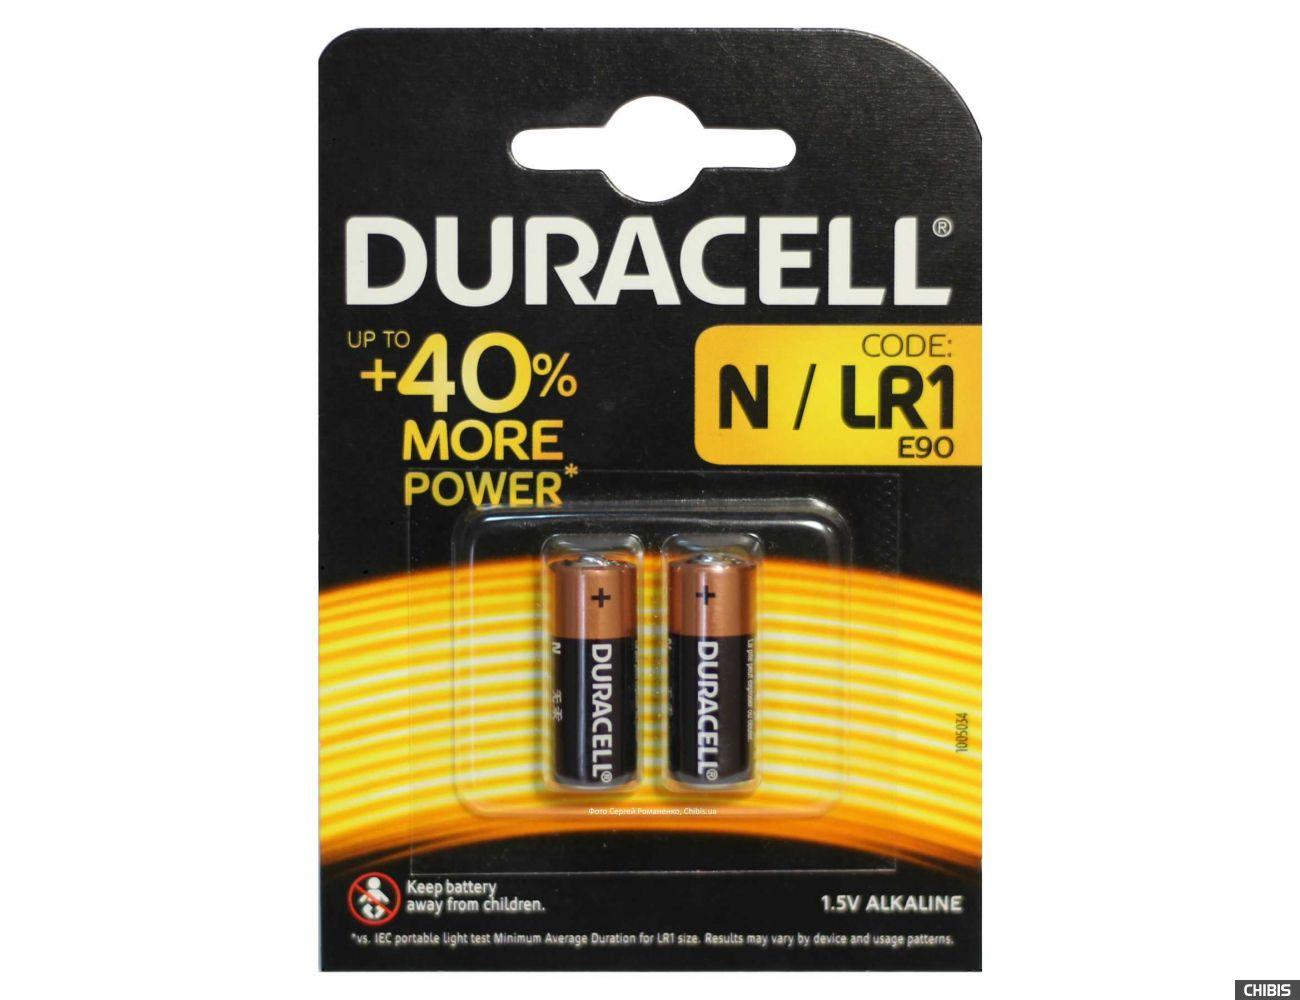 Батарейка N / LR1 Duracell Alkaline 1.5V 2/2 шт